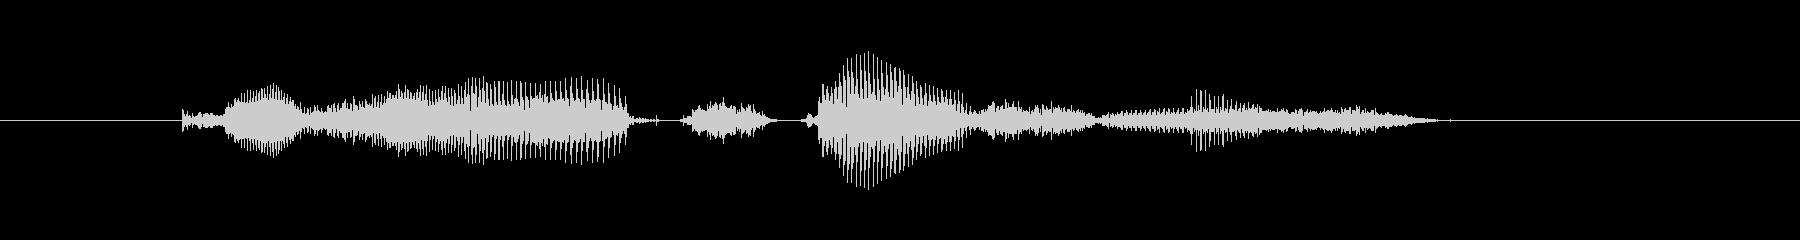 【時報・時間】9時をお伝えしますの未再生の波形